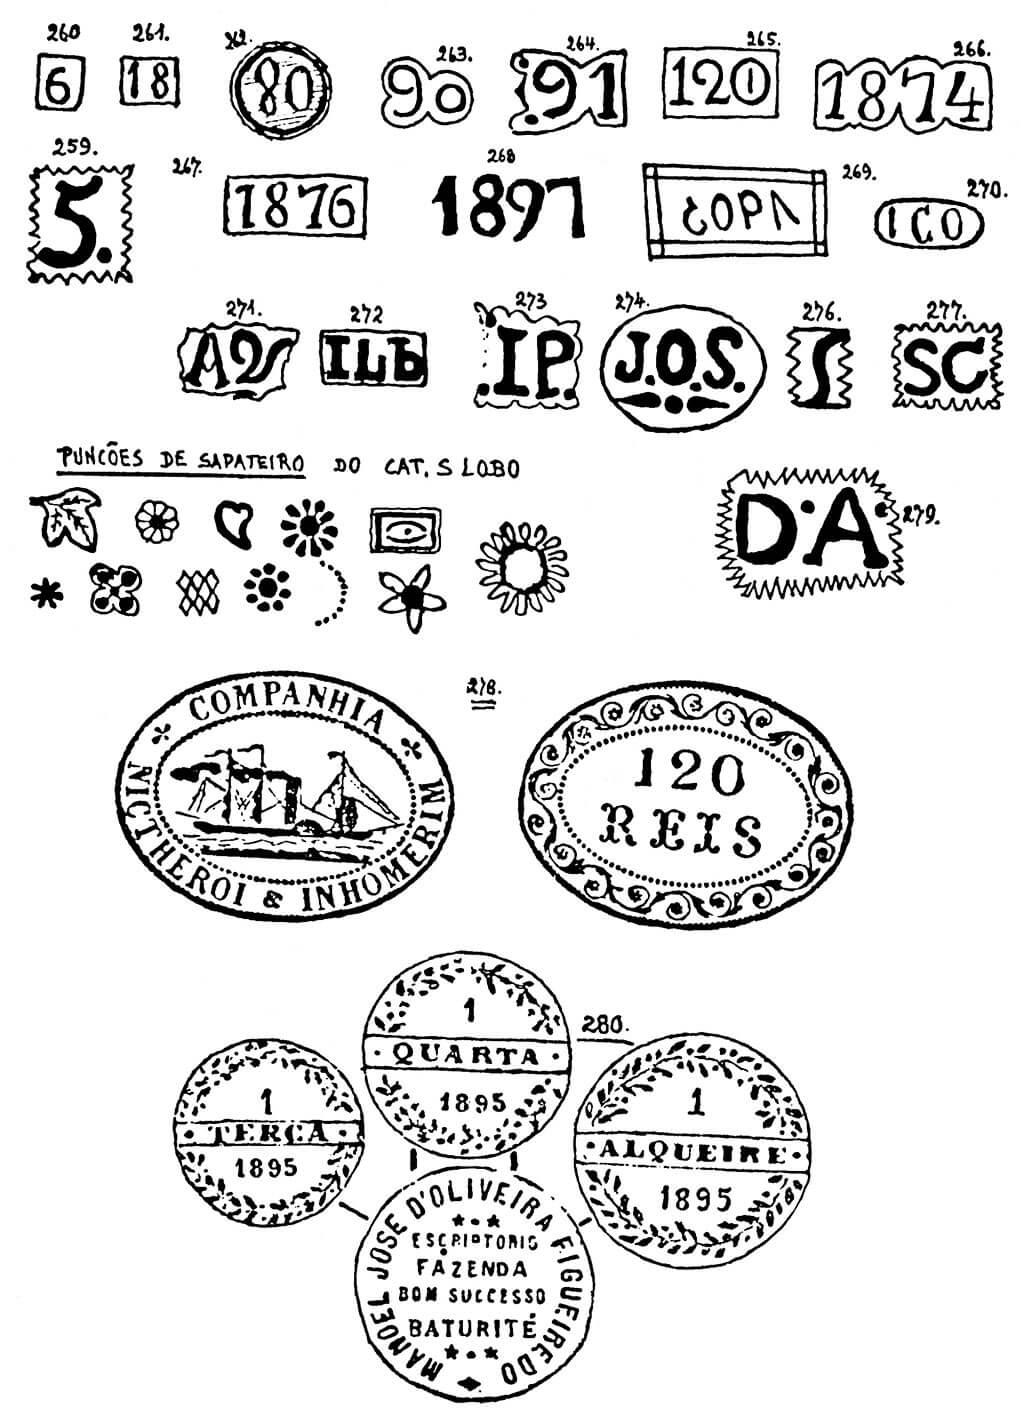 carimbos-particulares-em-moedas-brasileiras-collectgram-05-V1-OT